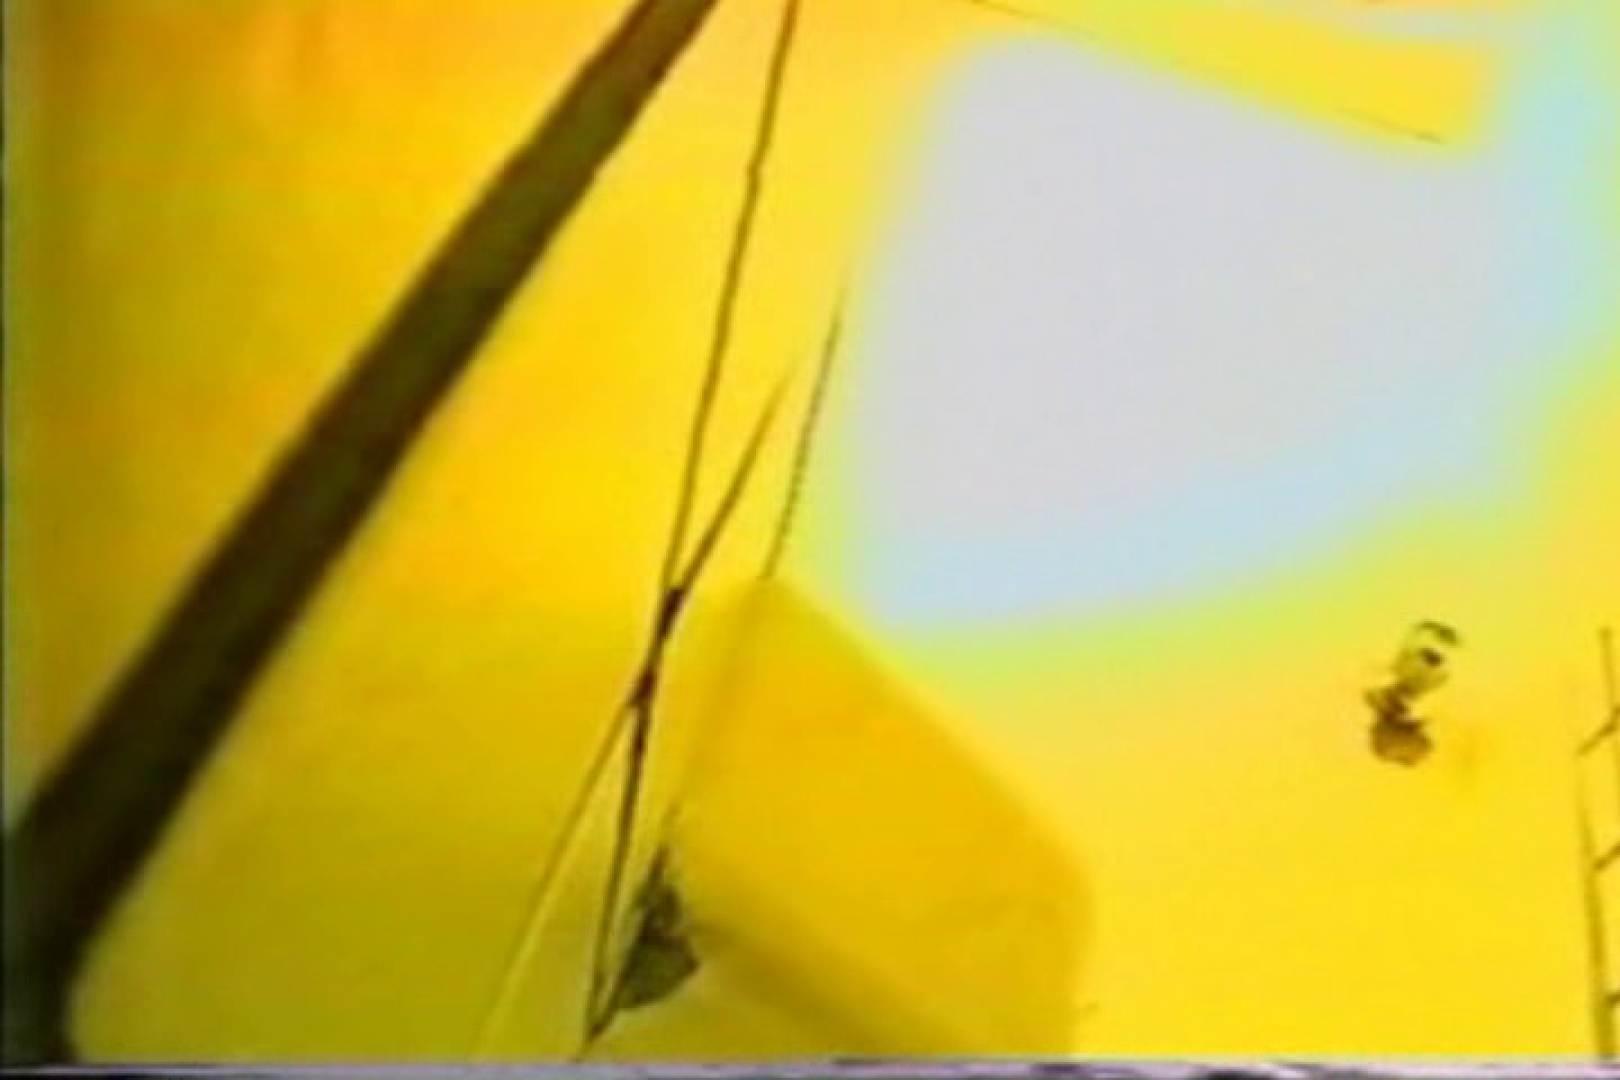 洋式洗面所オリジナルVol.2 エロティックなOL 盗み撮り動画 64画像 56